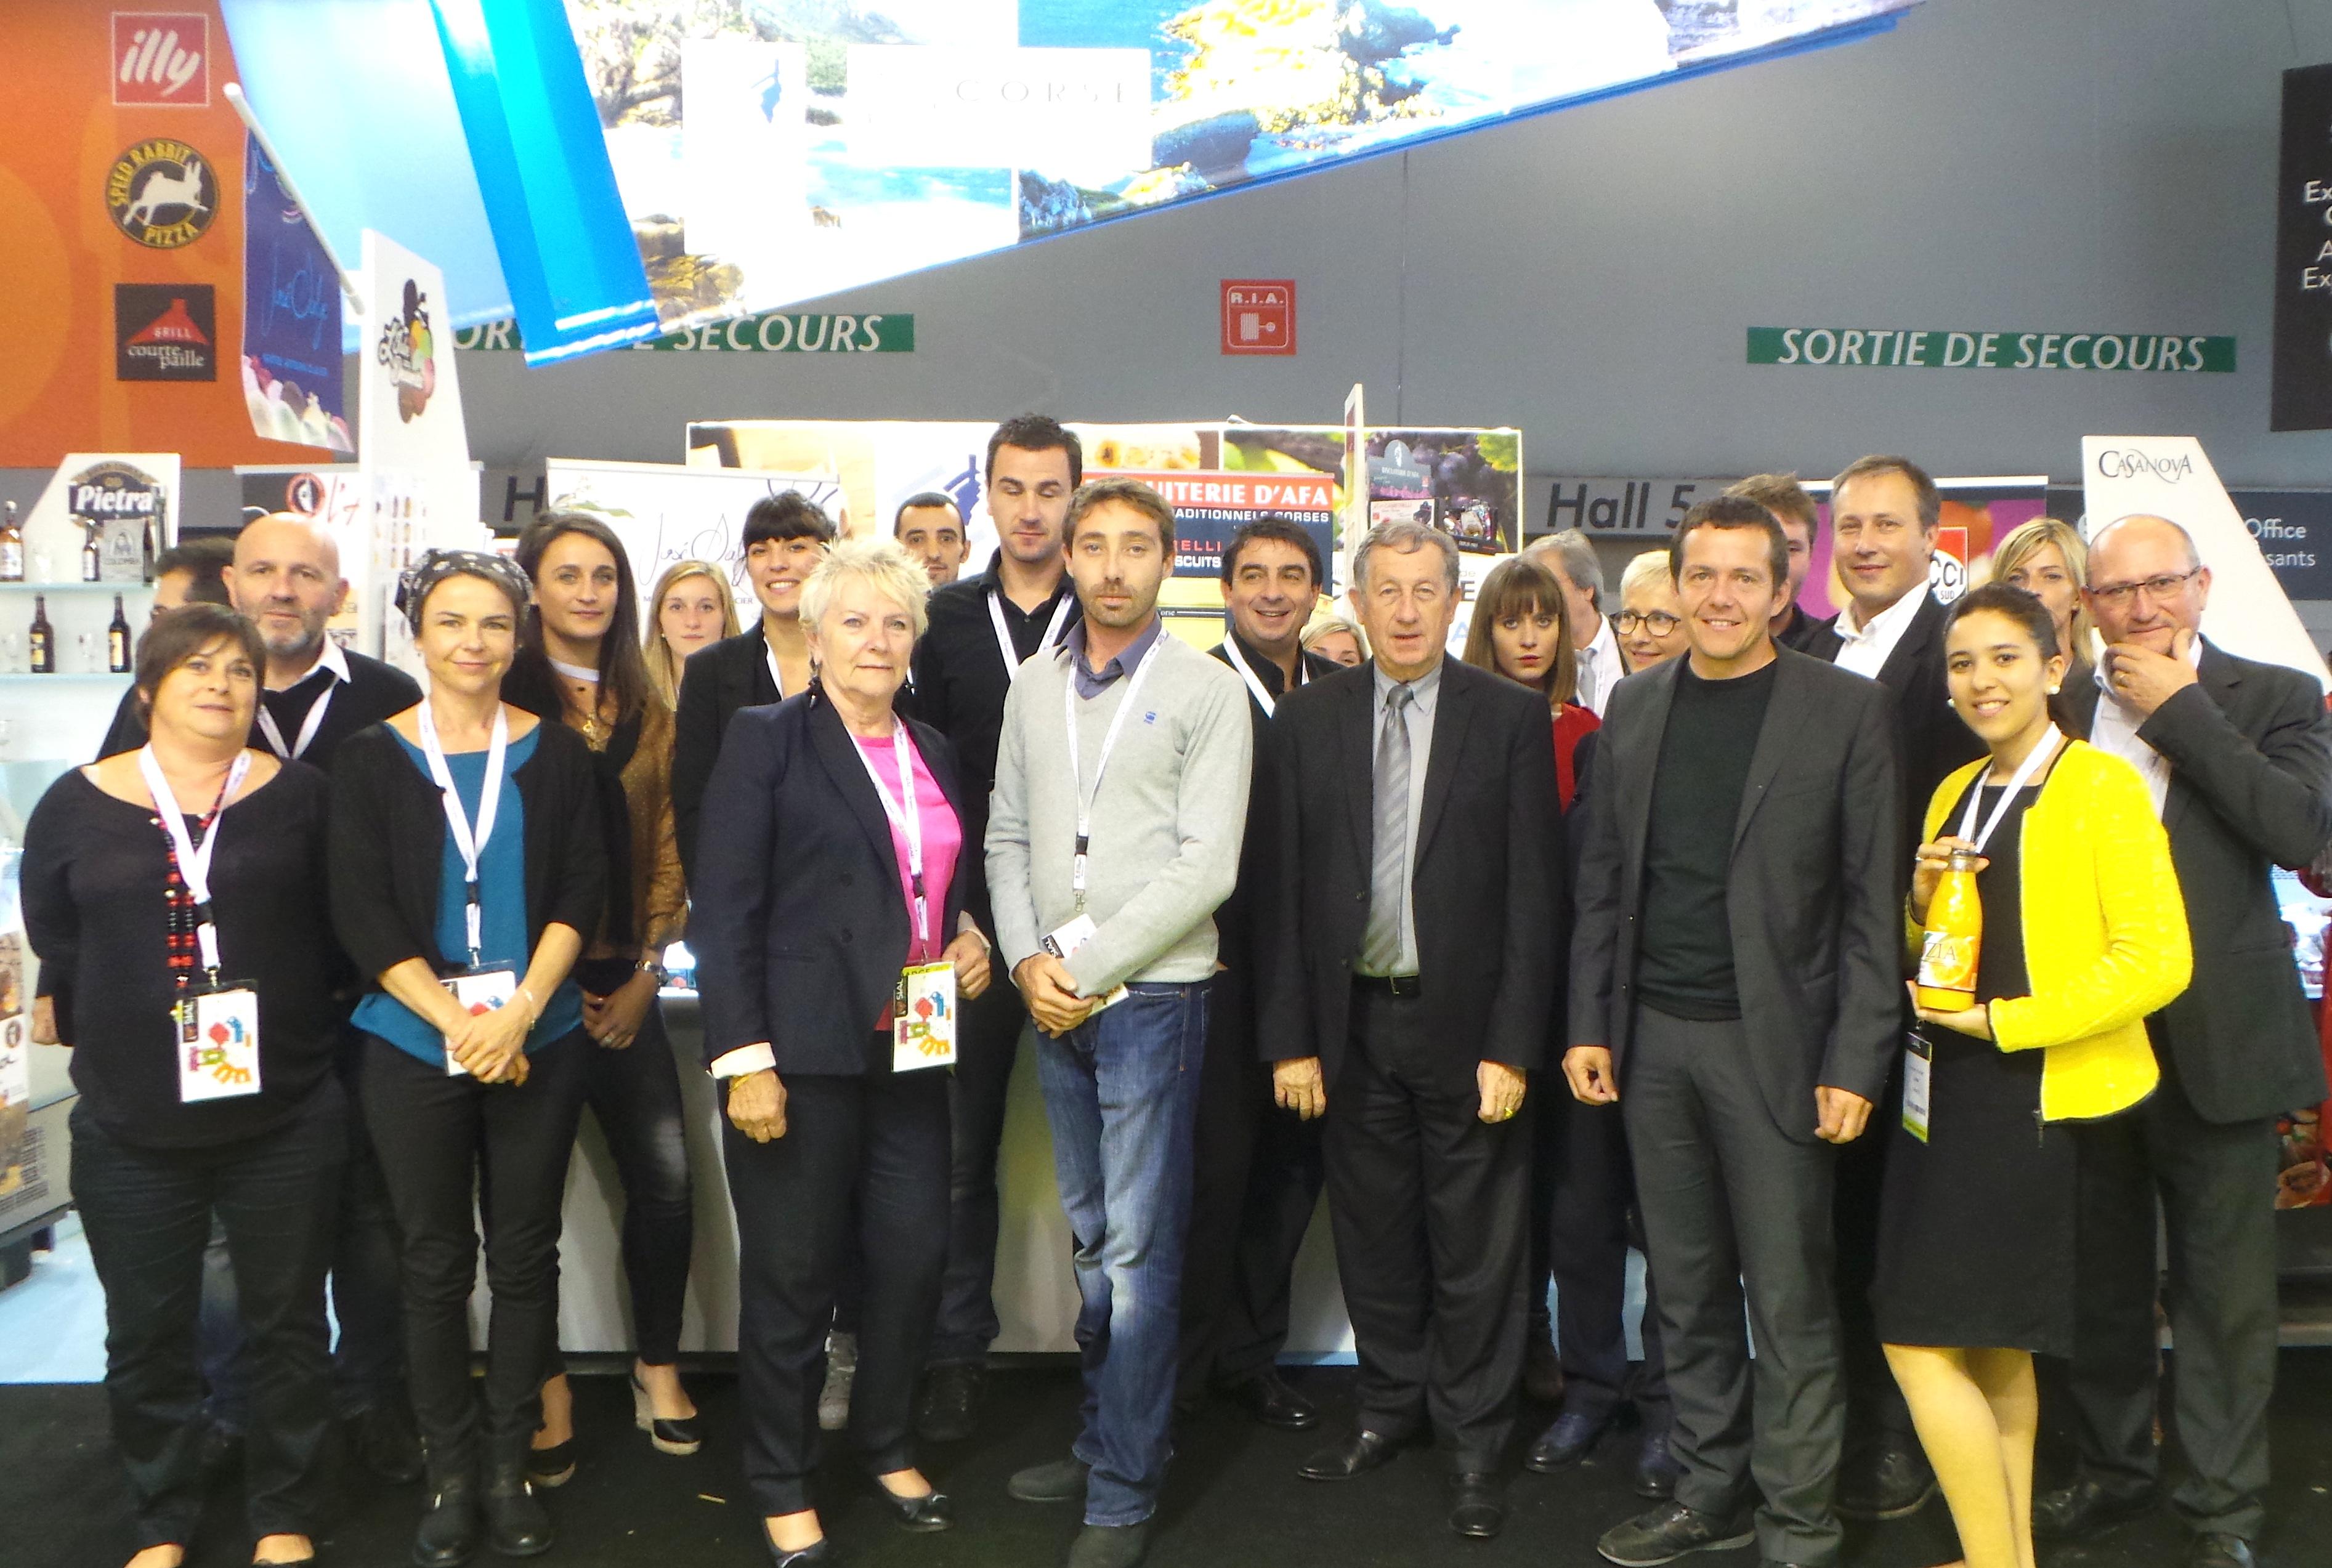 L'excellence de la Corse au salon international de l'agroalimentaire